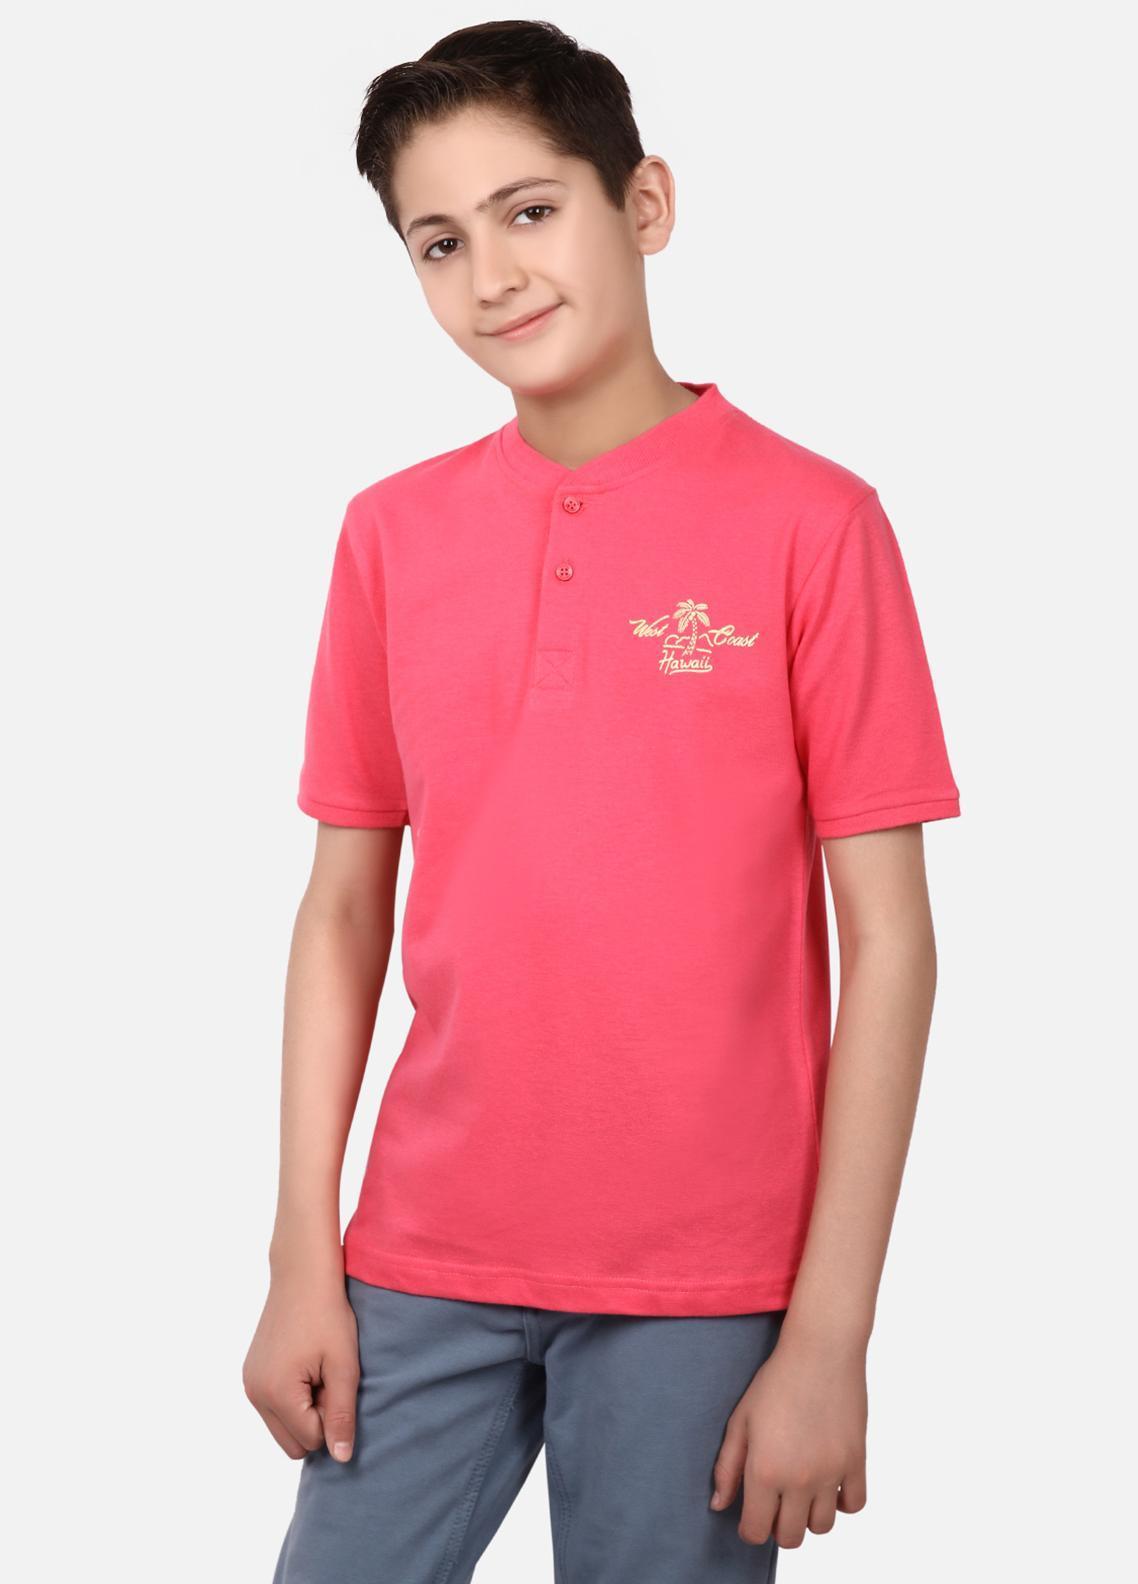 Edenrobe Cotton Half Sleeves Tees for Boys - Red EBTPS19-021